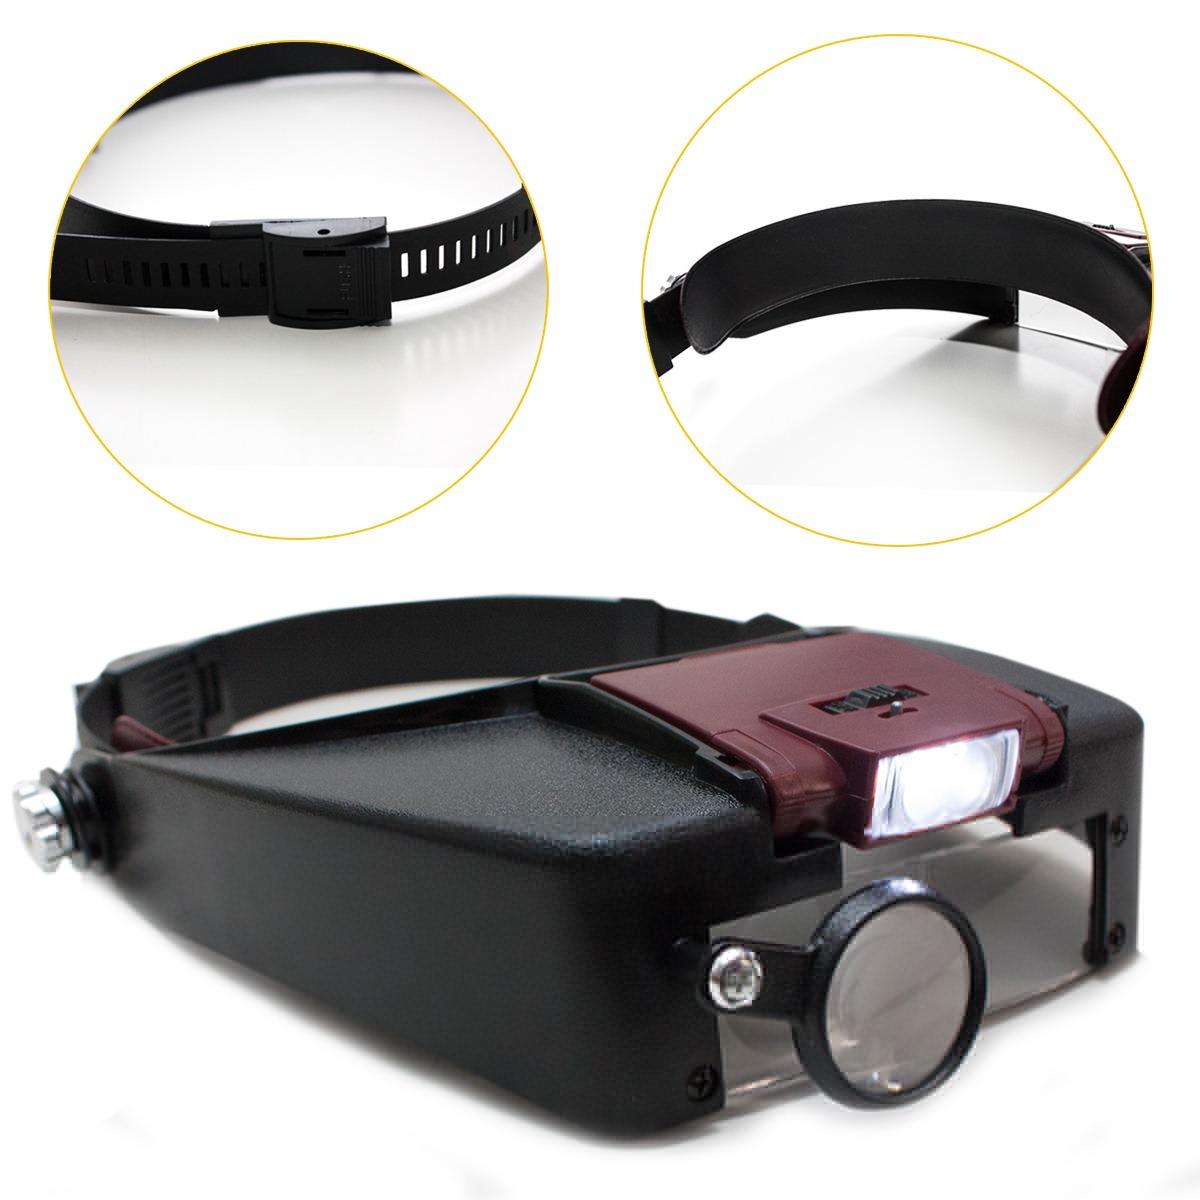 96843daff lupa cabeça óculos luz led 3 lentes profissional aumento. Carregando zoom.